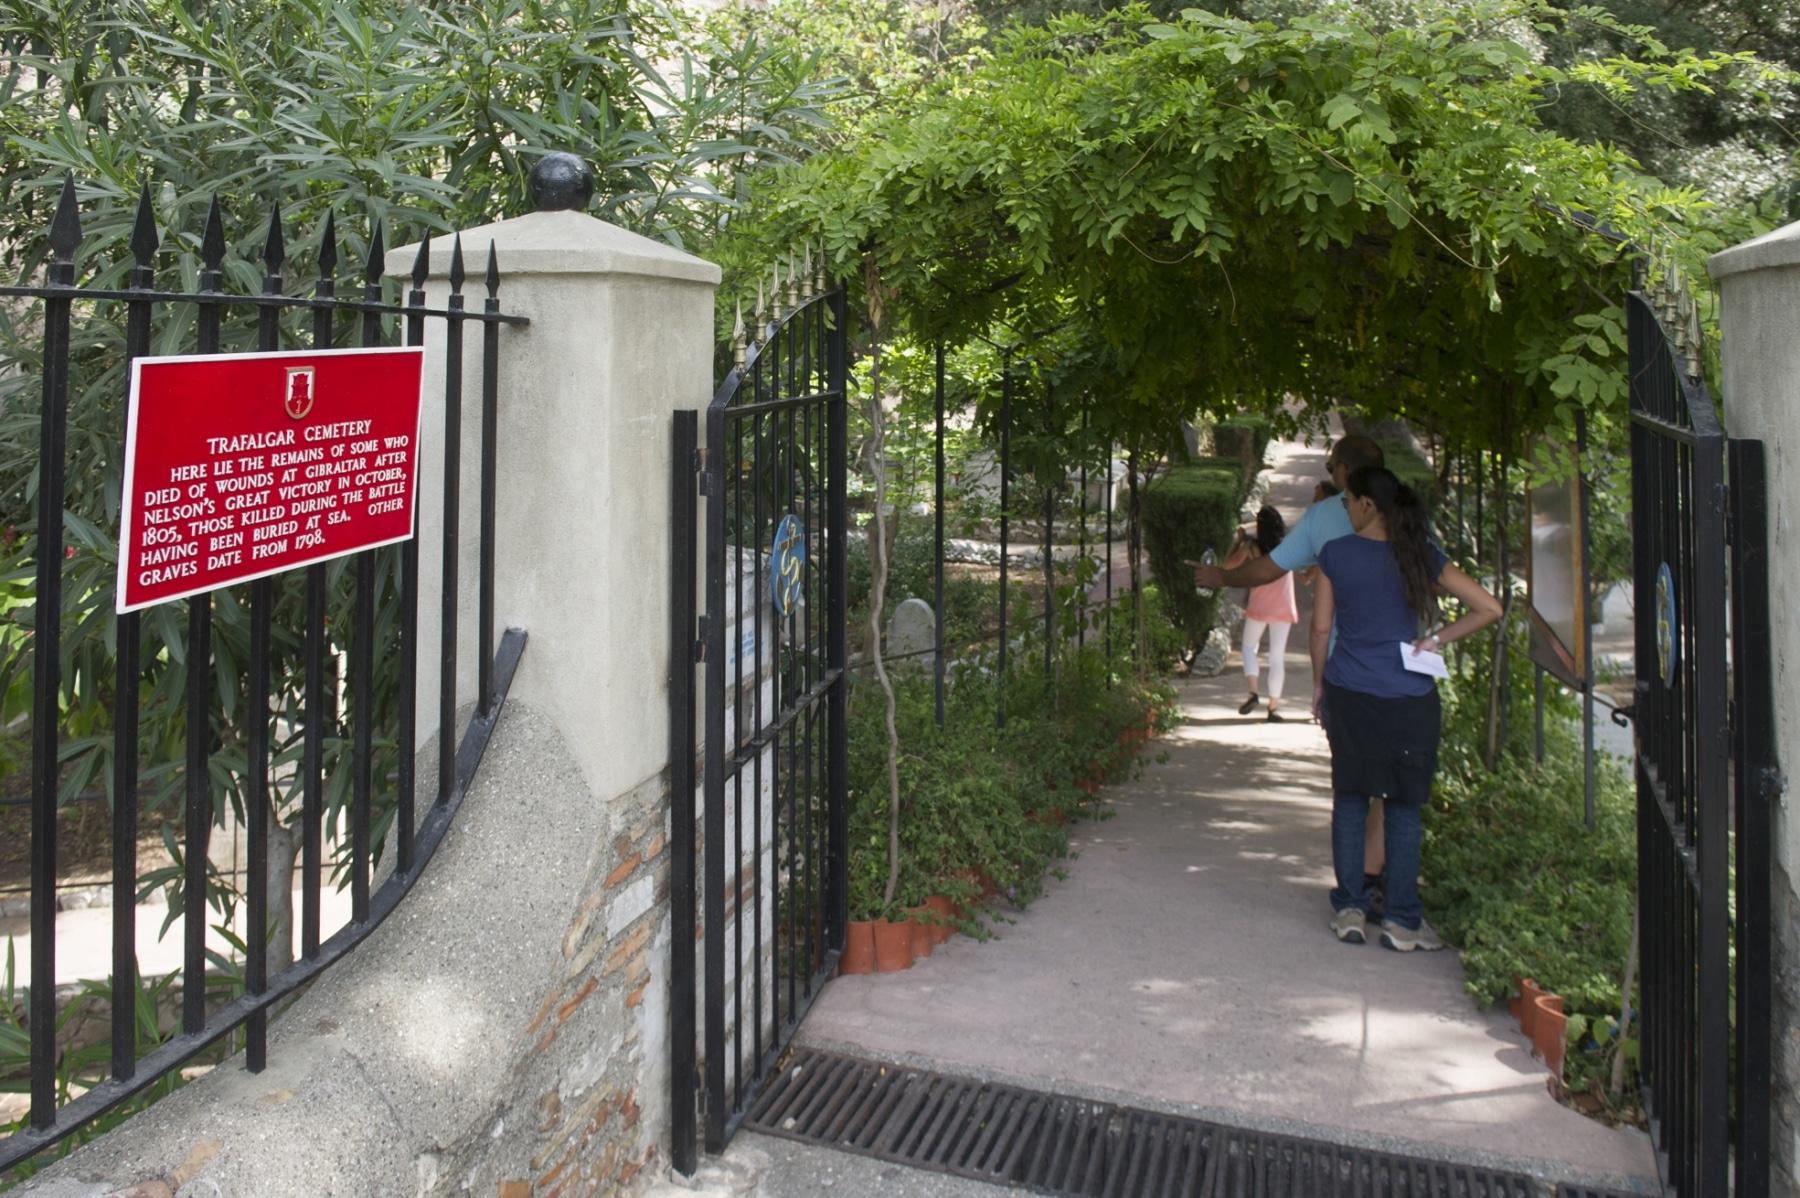 cementerio-de-trafalgar-gibraltar_22121770824_o